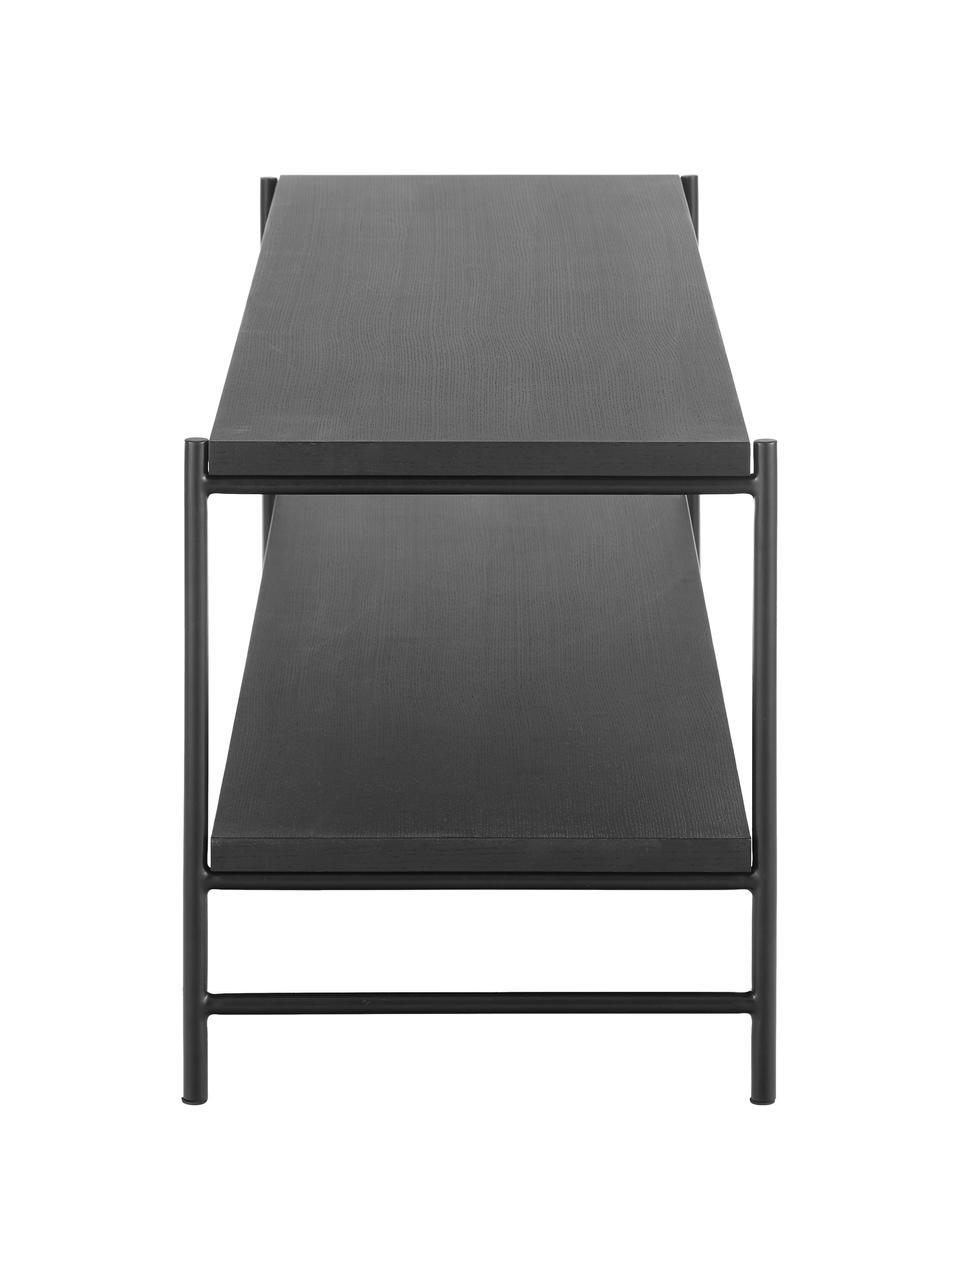 Szafka niska Mica, Stelaż: metal malowany proszkowo, Półki: fornir z drewna dębowego, czarny lakierowany Stelaż: czarny, matowy, S 120 x W 50 cm